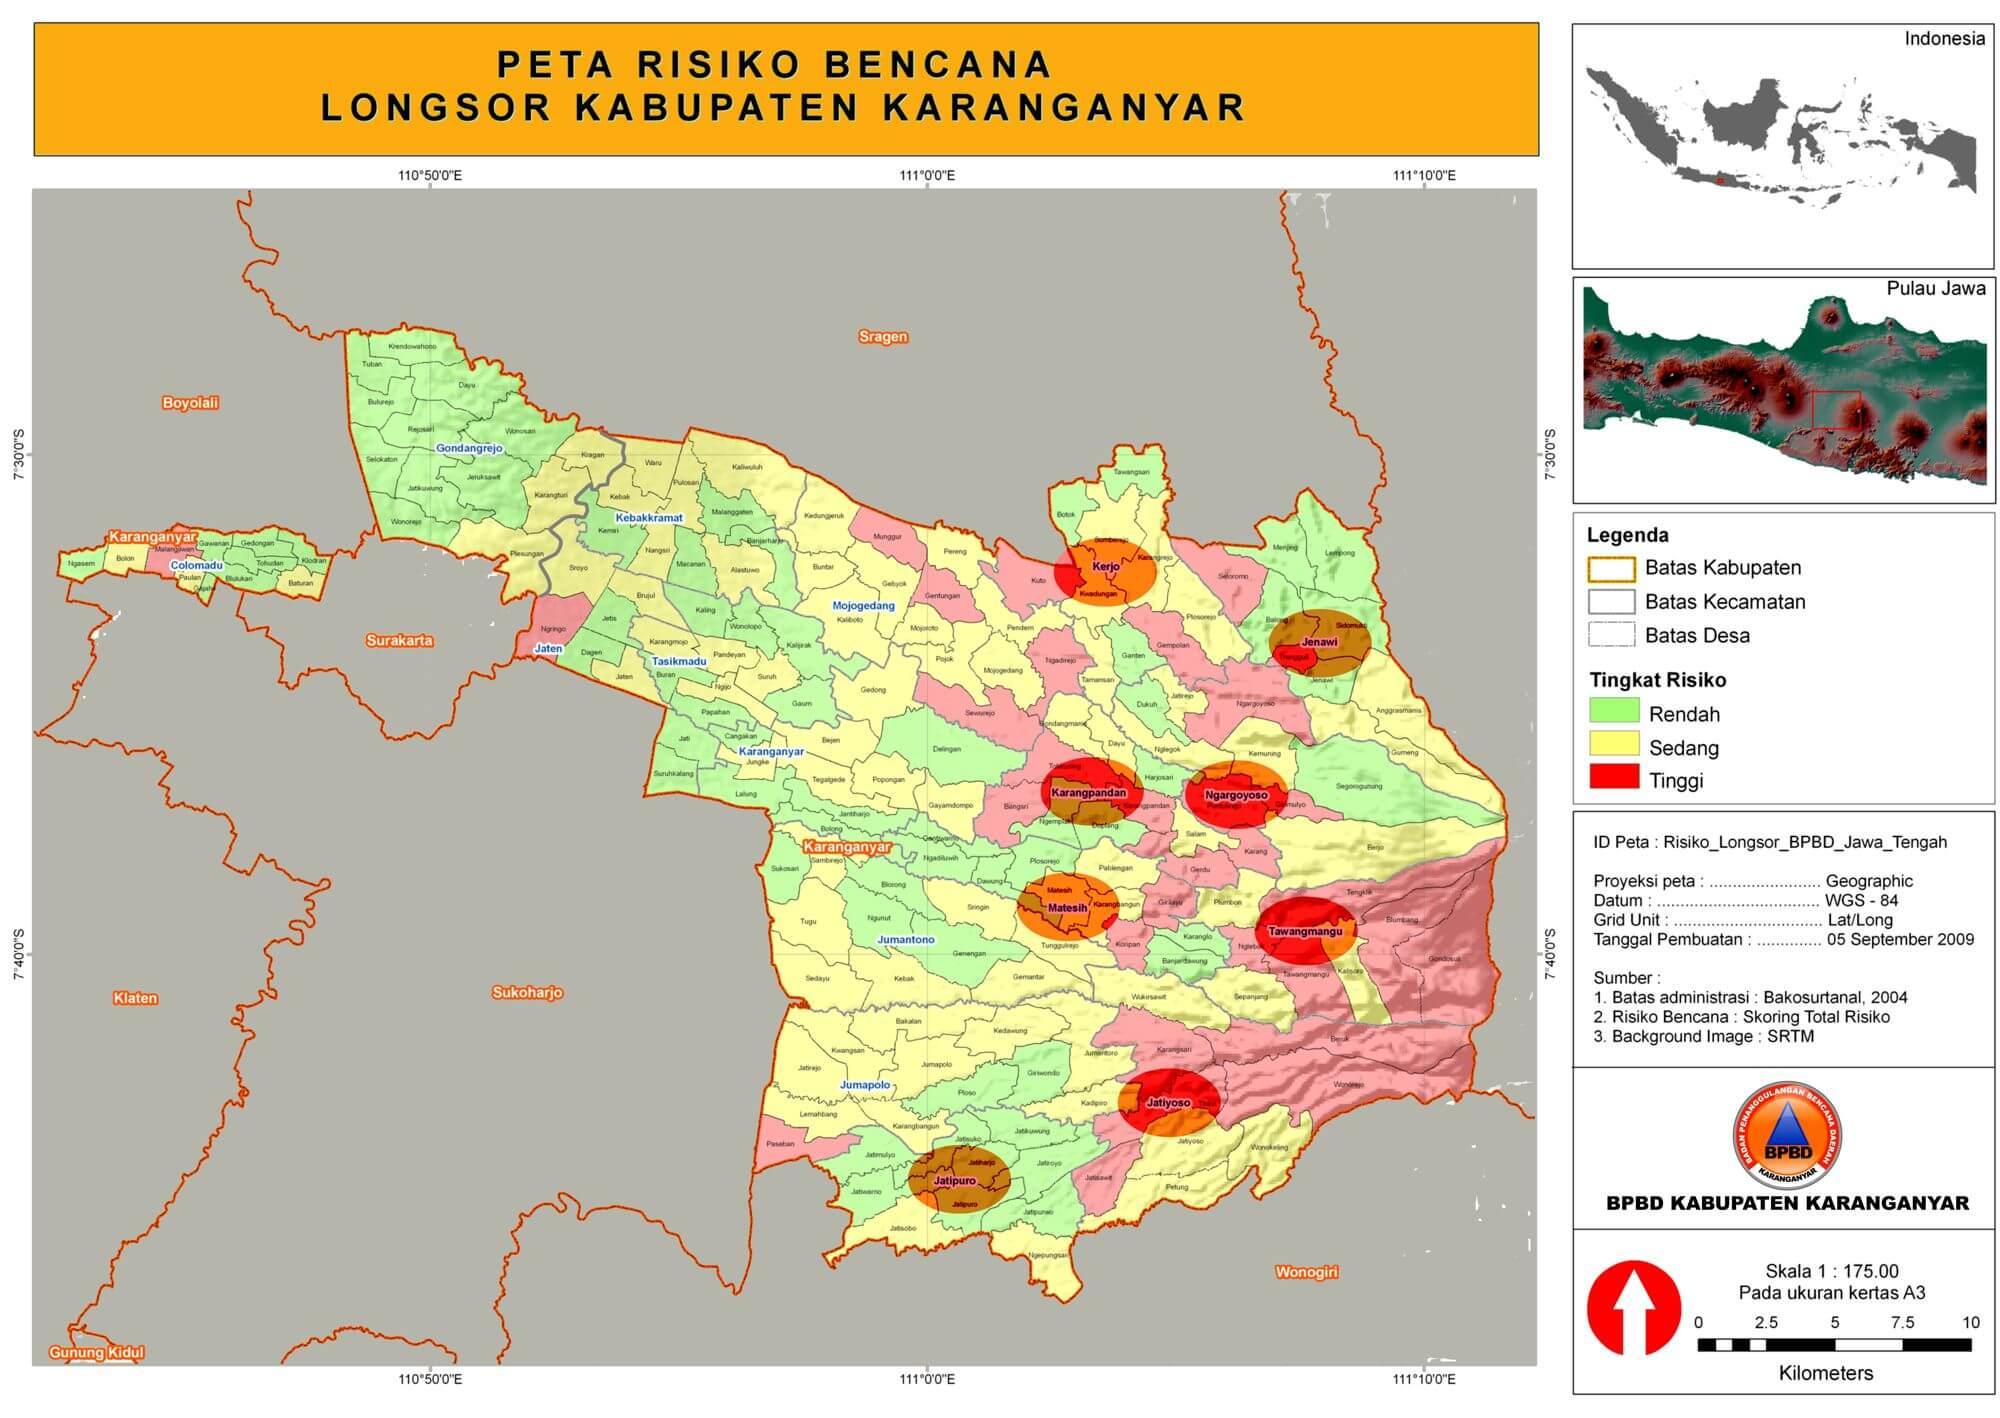 Peta Risiko Bencana Longsor